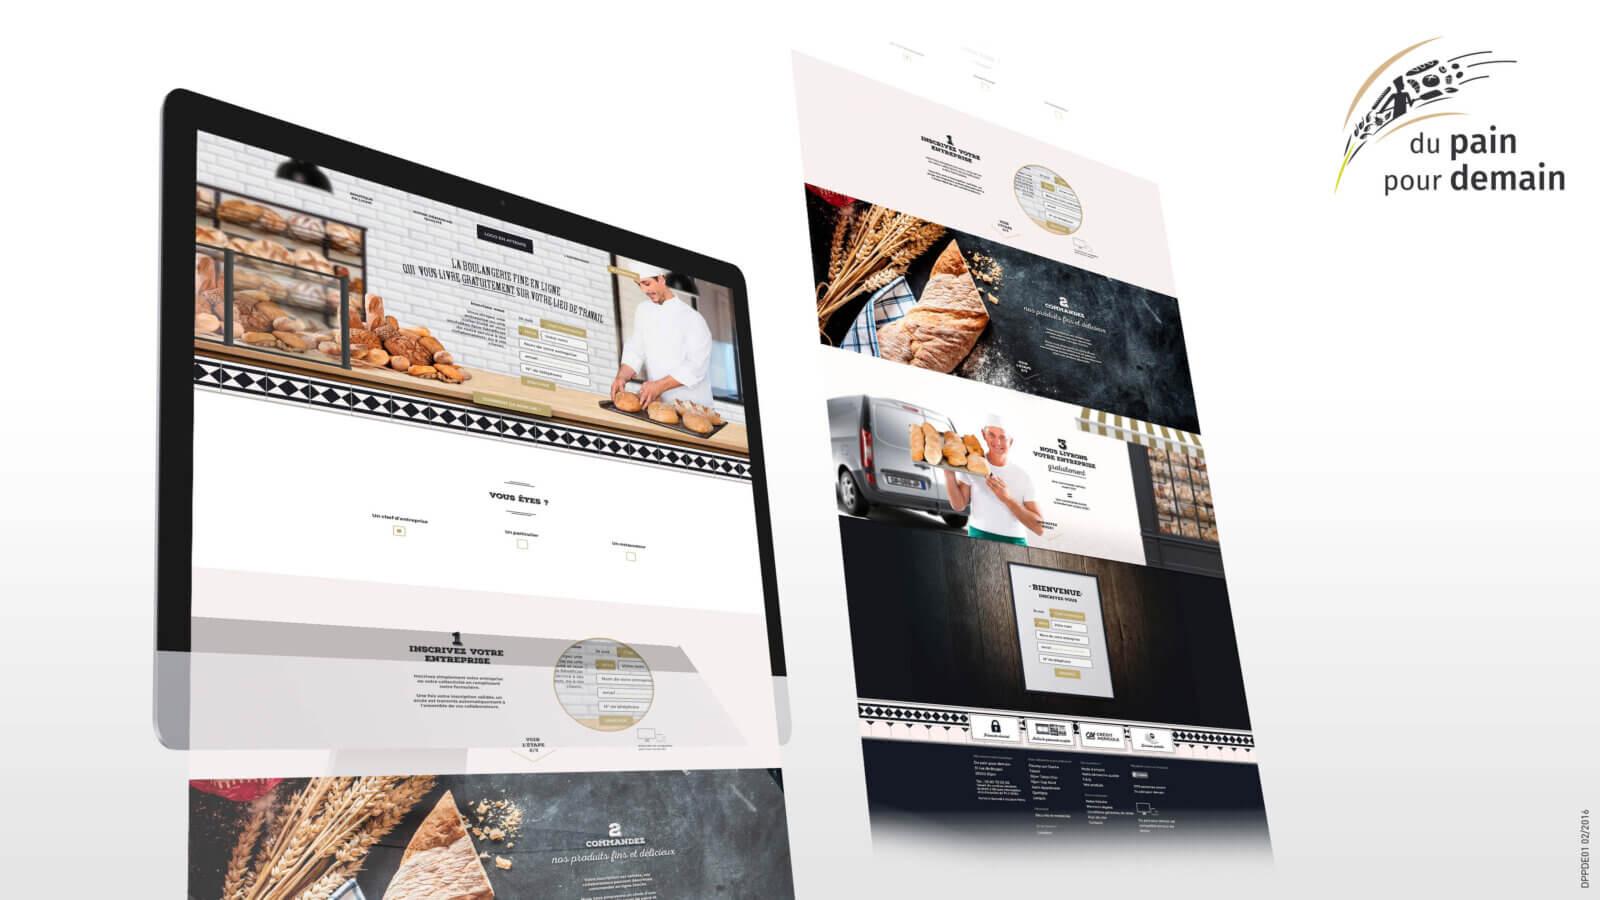 Création du site vitrine du meilleur boulanger de France (M6)